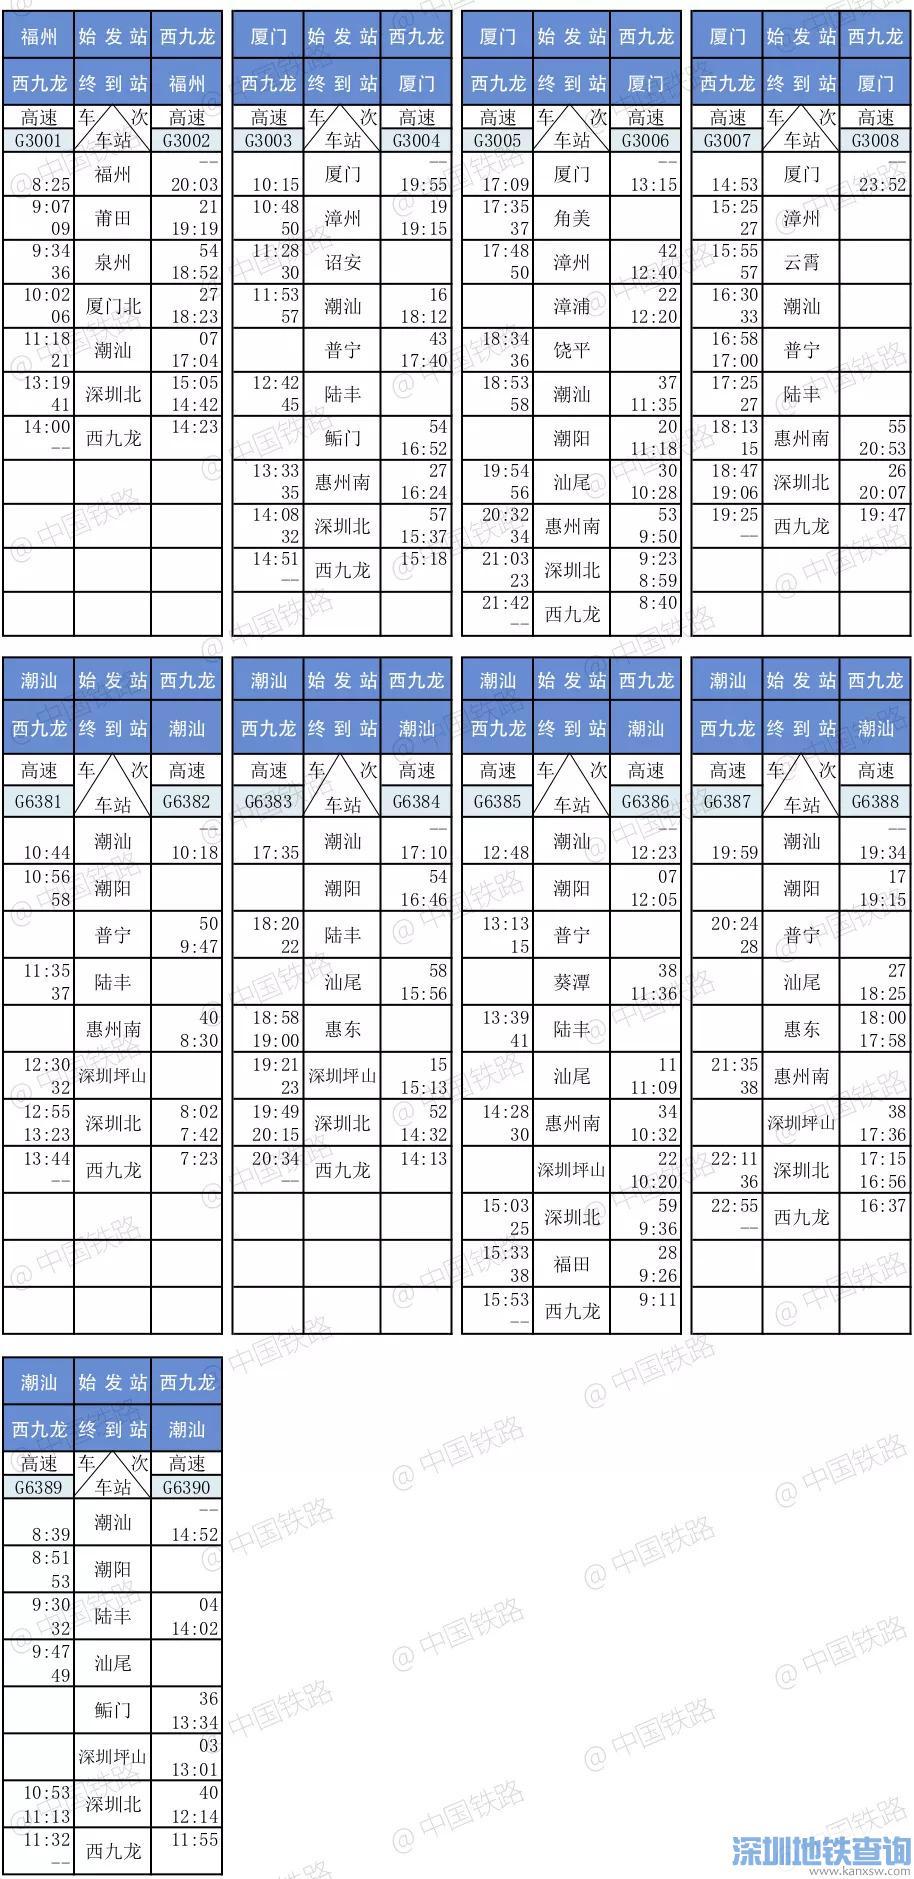 高铁票价查询_广深港高铁票价、最新列车时刻表公布 上海至香港票价1008元 ...